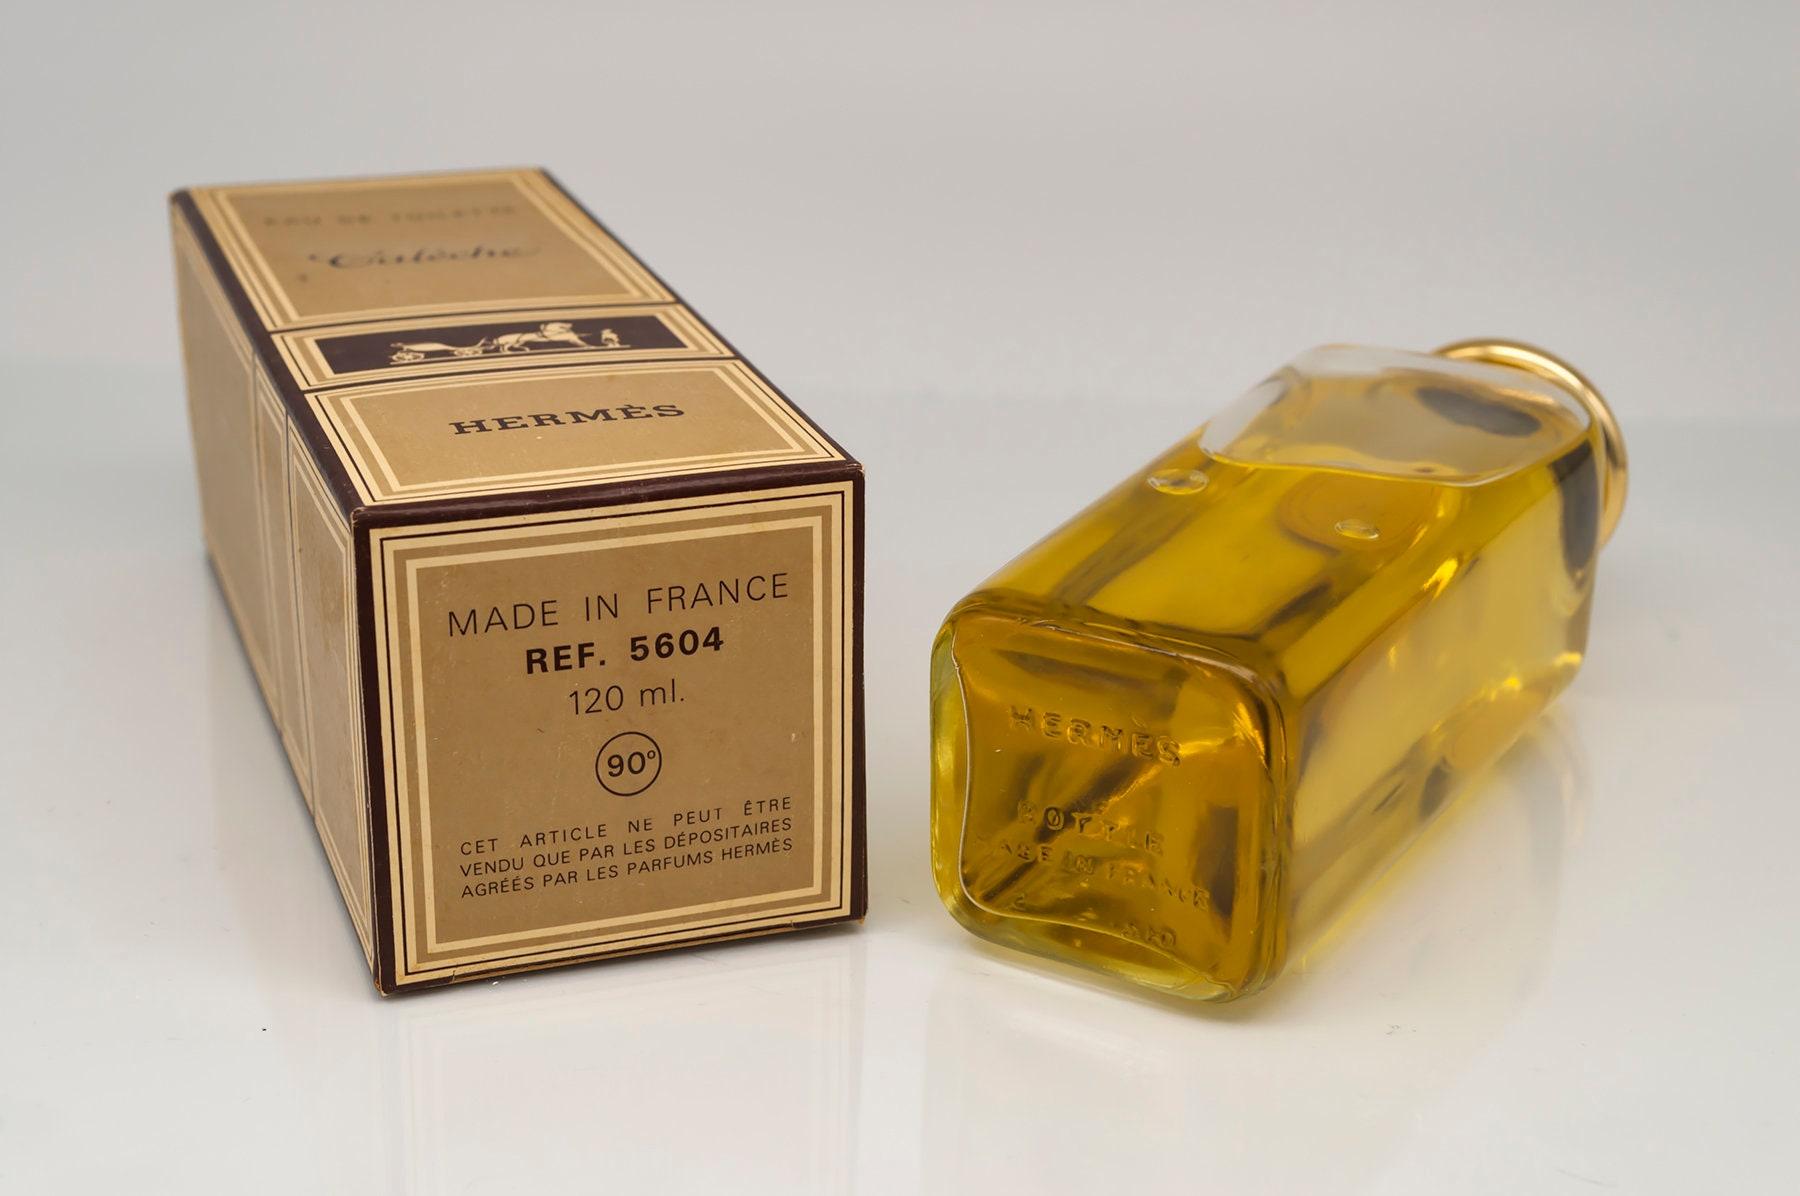 CALECHE HERMES Eau de Toilette EDT 120 ml Vintage